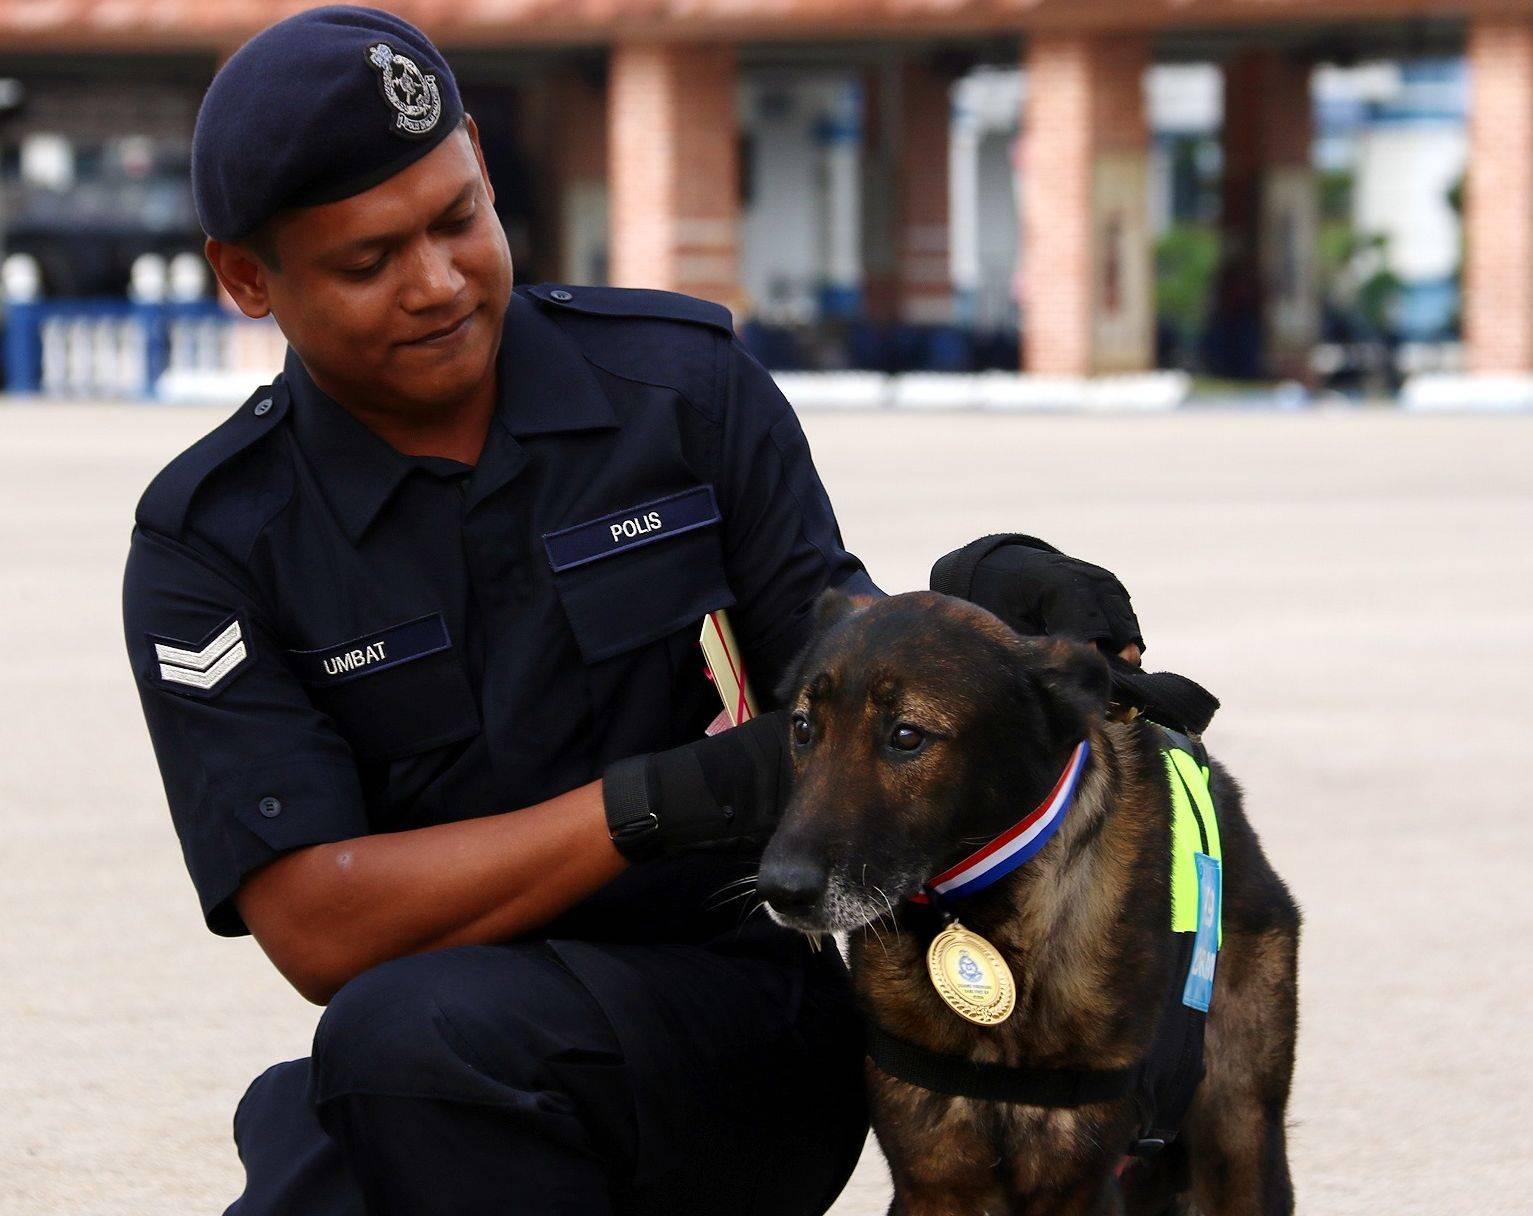 شرطة ماليزيا تكرّم كلبًا بوليسيًّا بميدالية لمساهمته في حل قضية